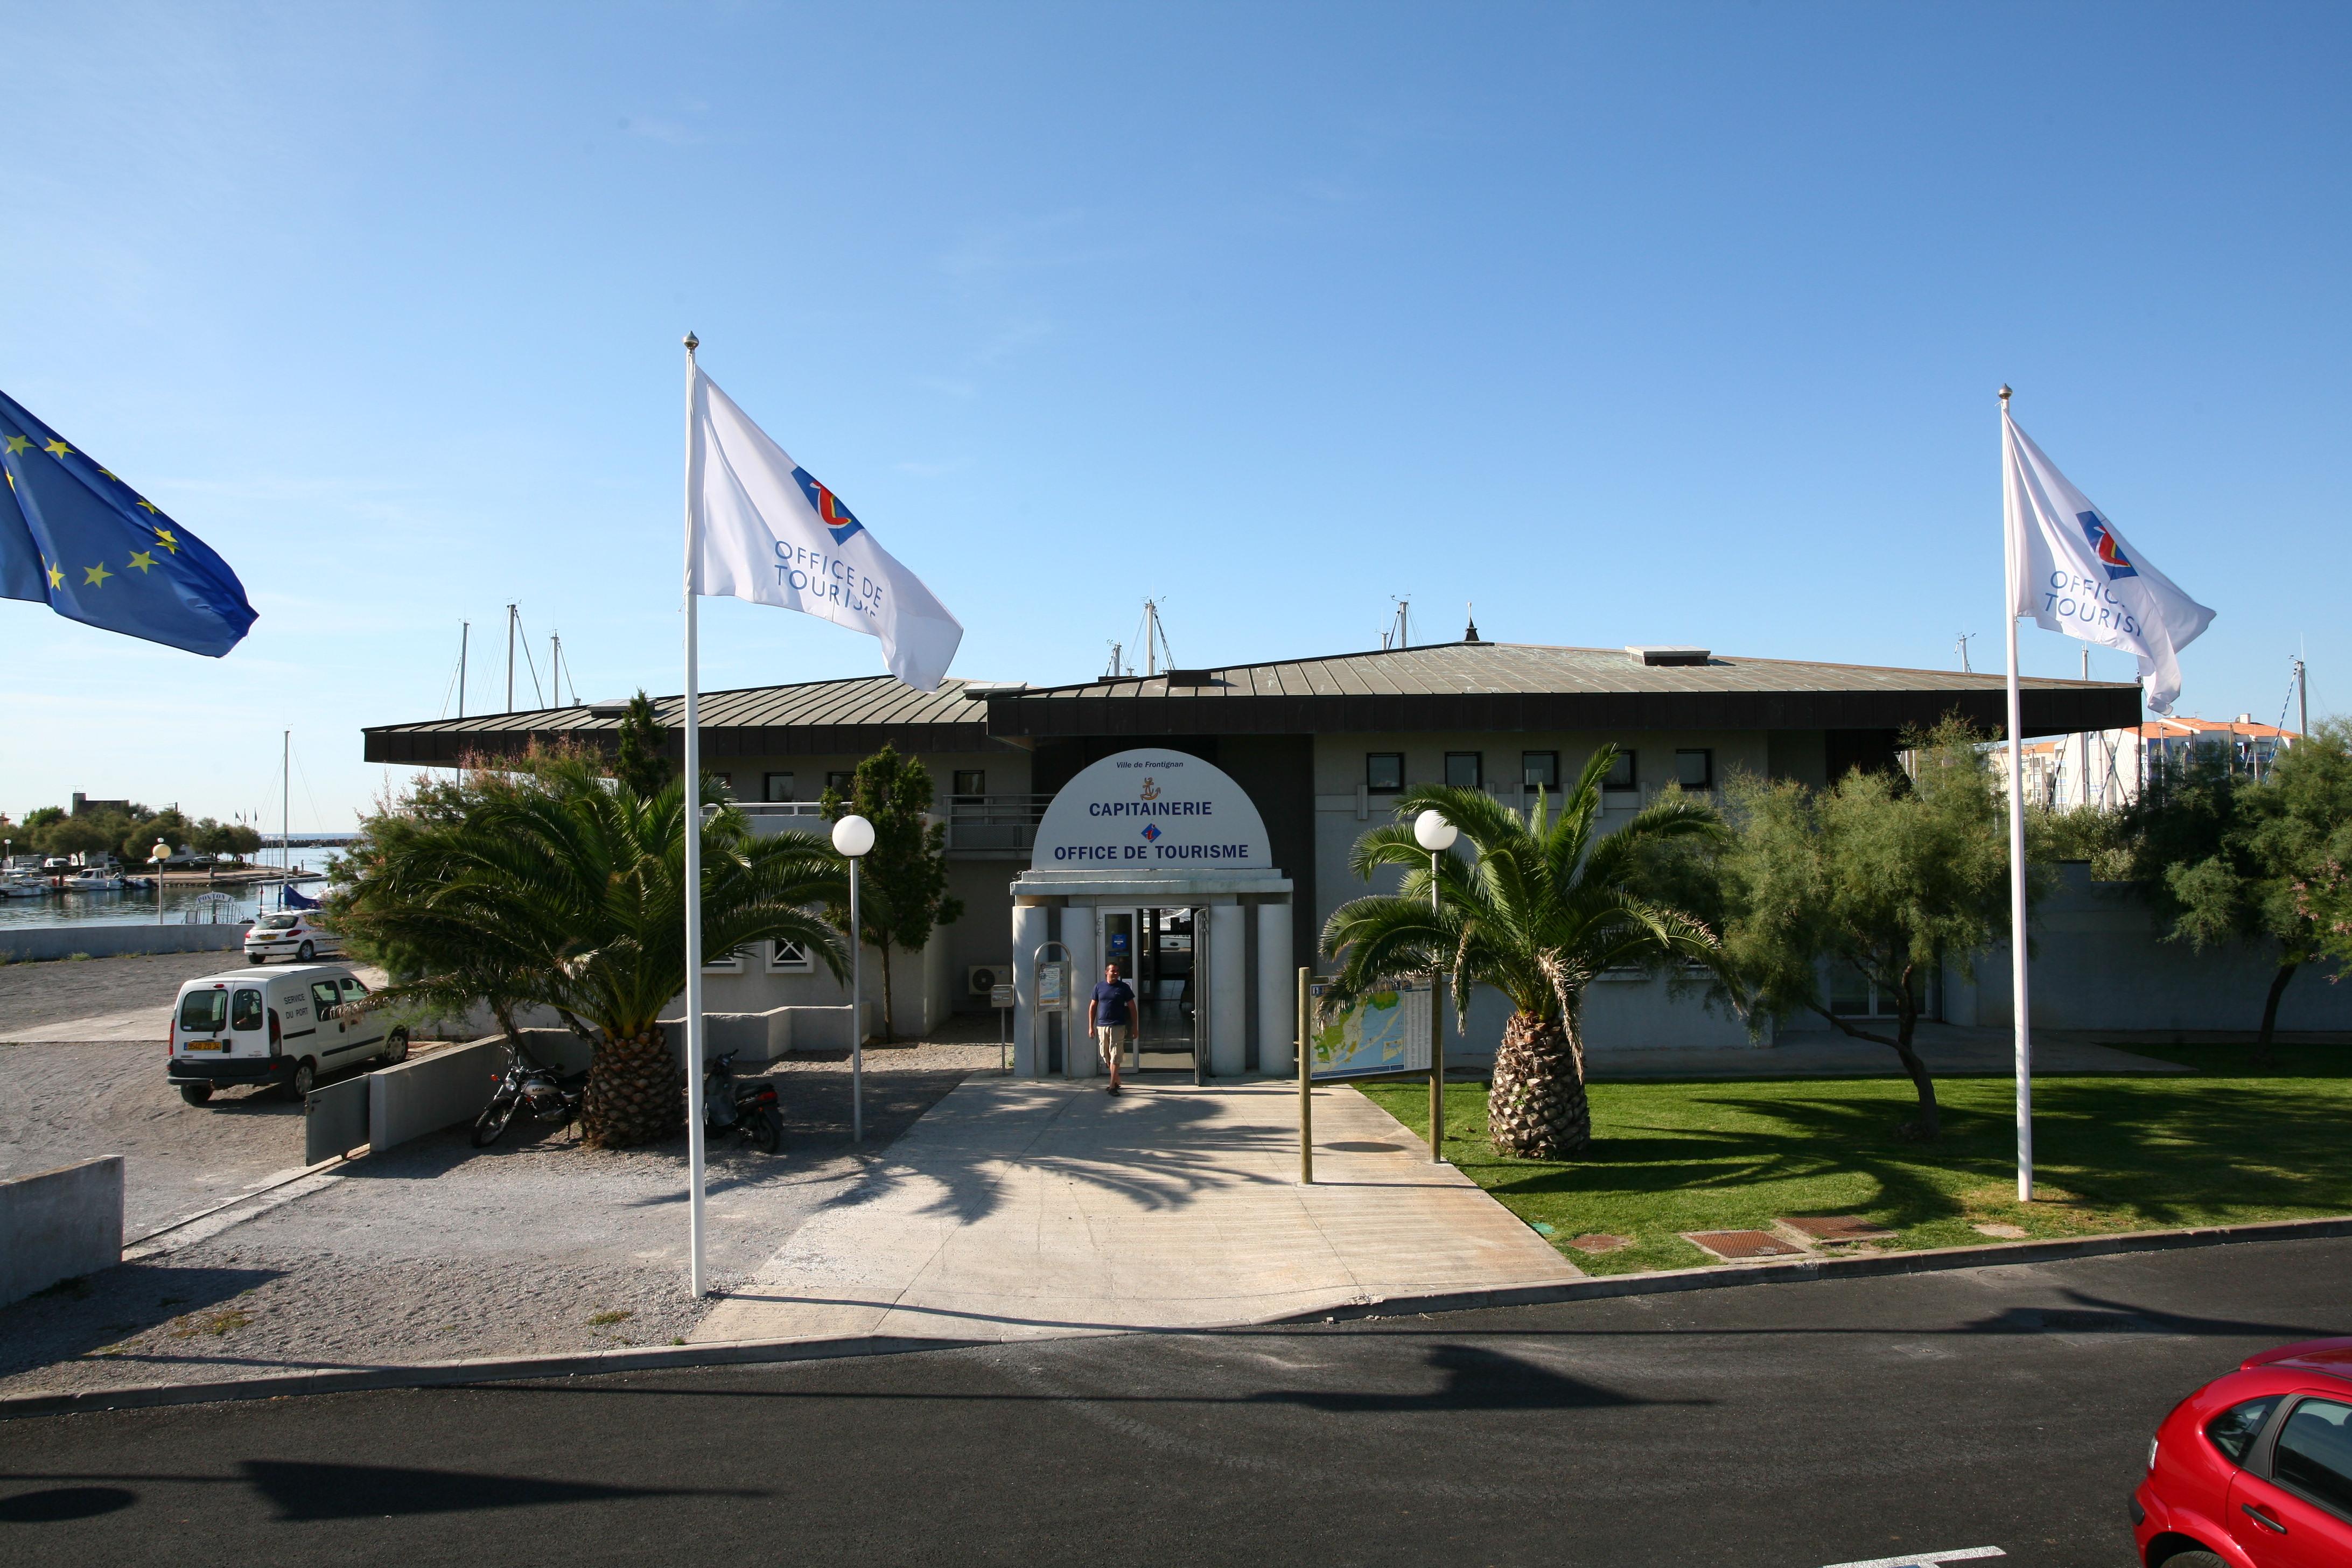 Office de tourisme de frontignan plage frontignan - Office de tourisme biscarrosse plage ...